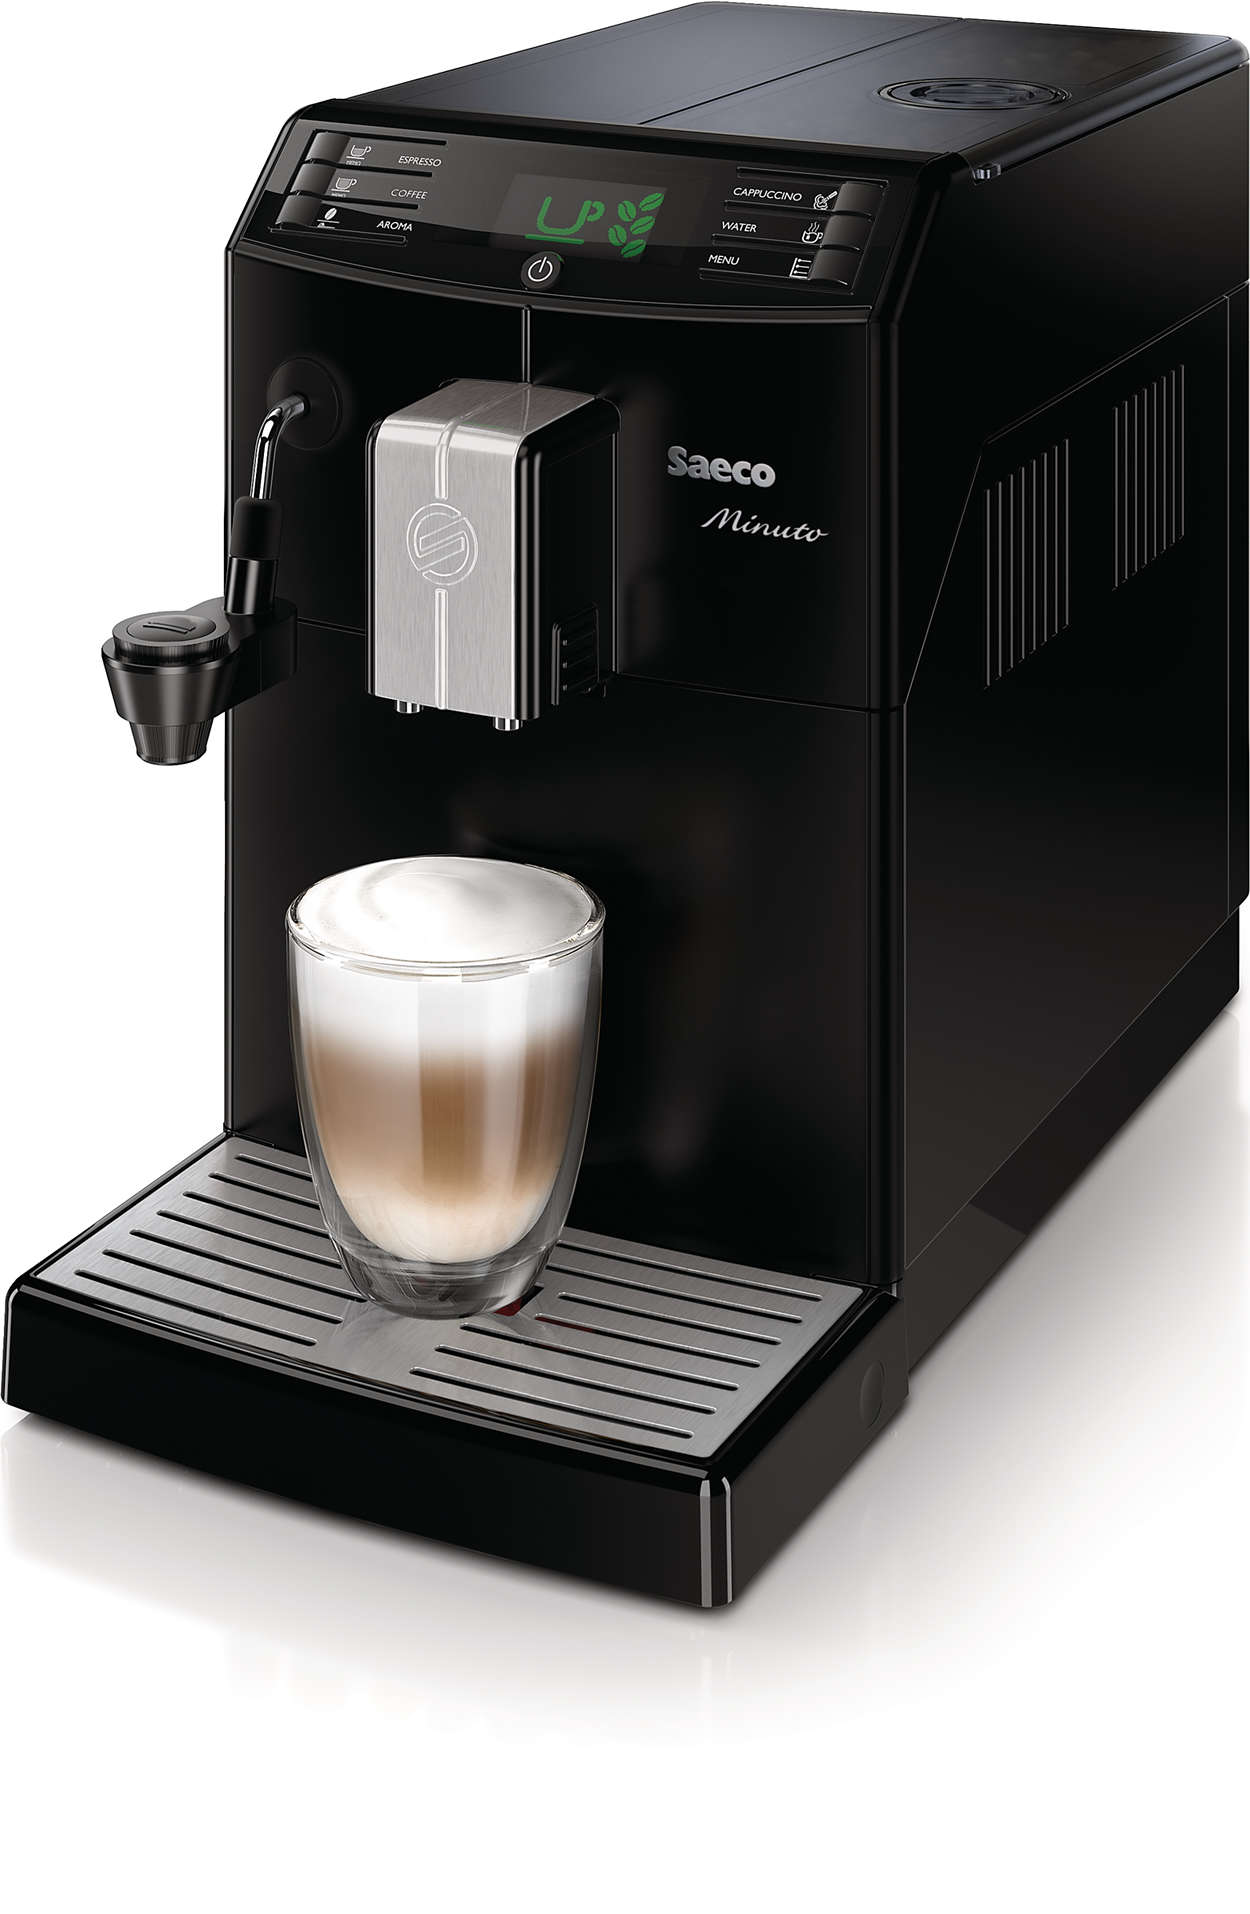 Kedvenc kávéja mindig, csupán egyetlen gombnyomásra